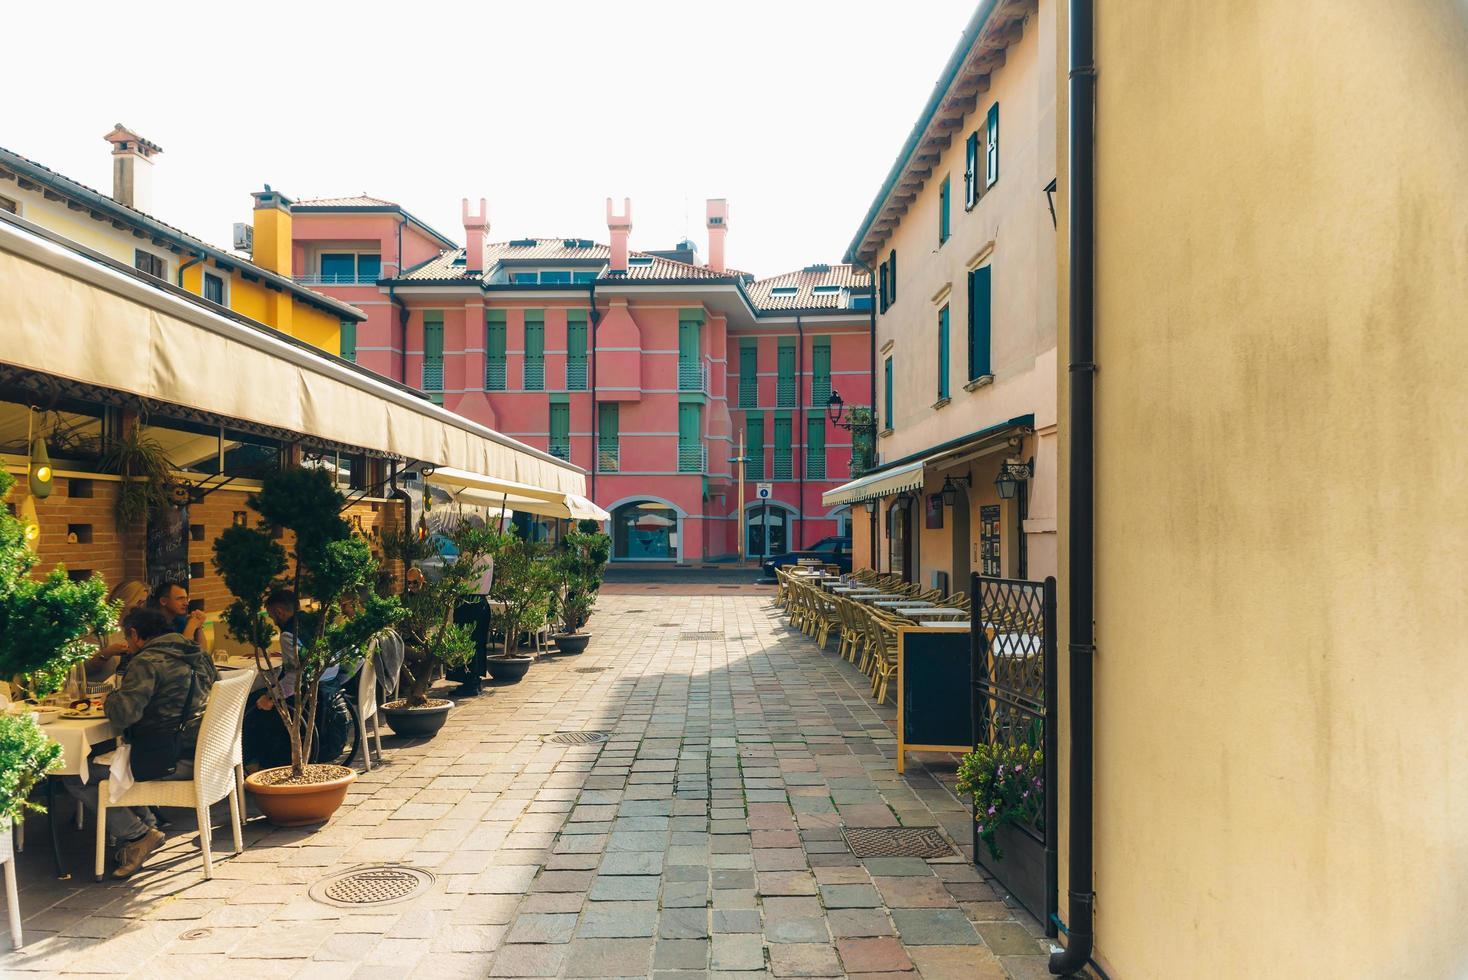 Caorle, Italia 2017- distrito turístico de la antigua ciudad provincial de Caorle en Italia foto